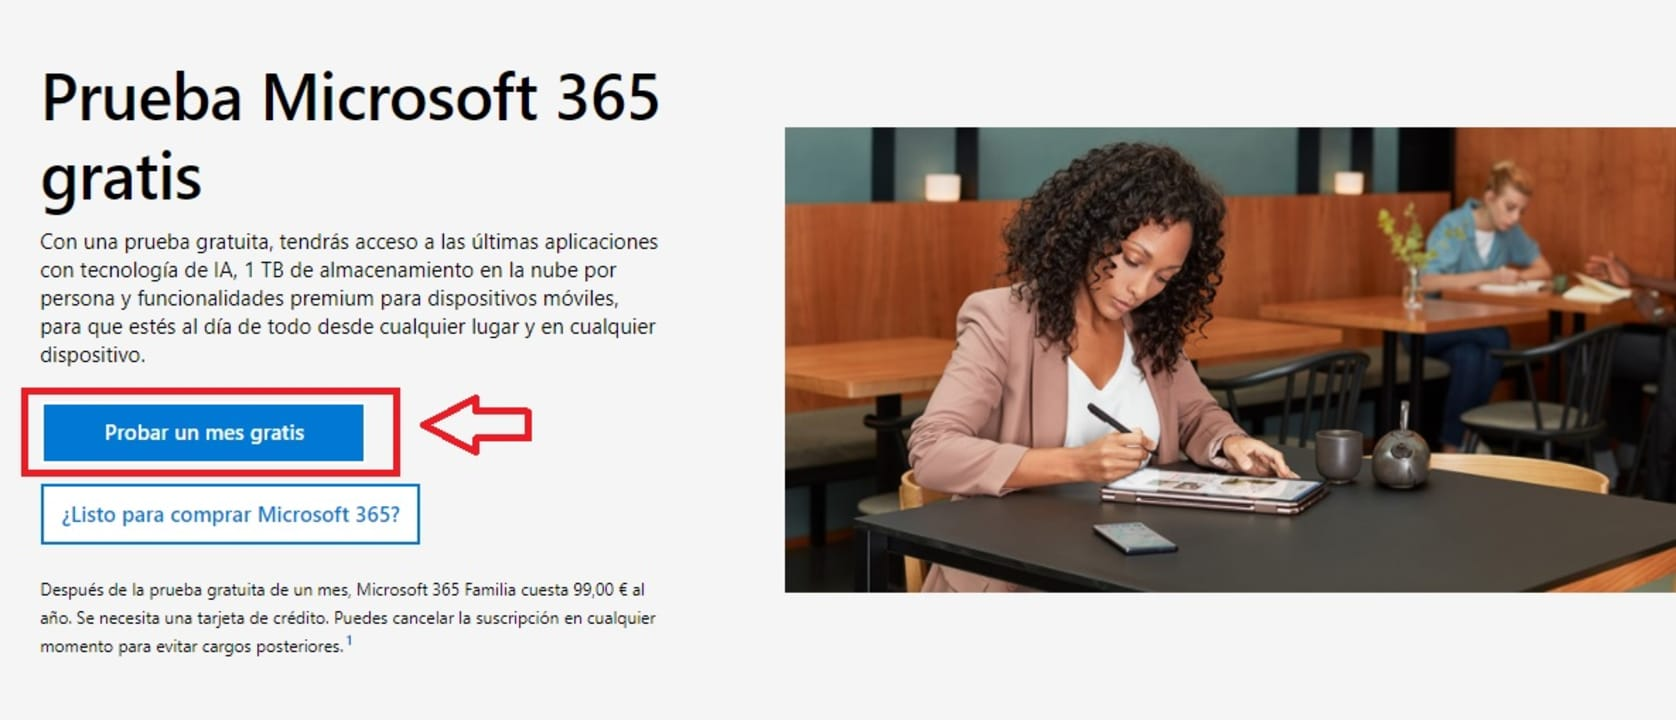 Microsoft 365 gratis